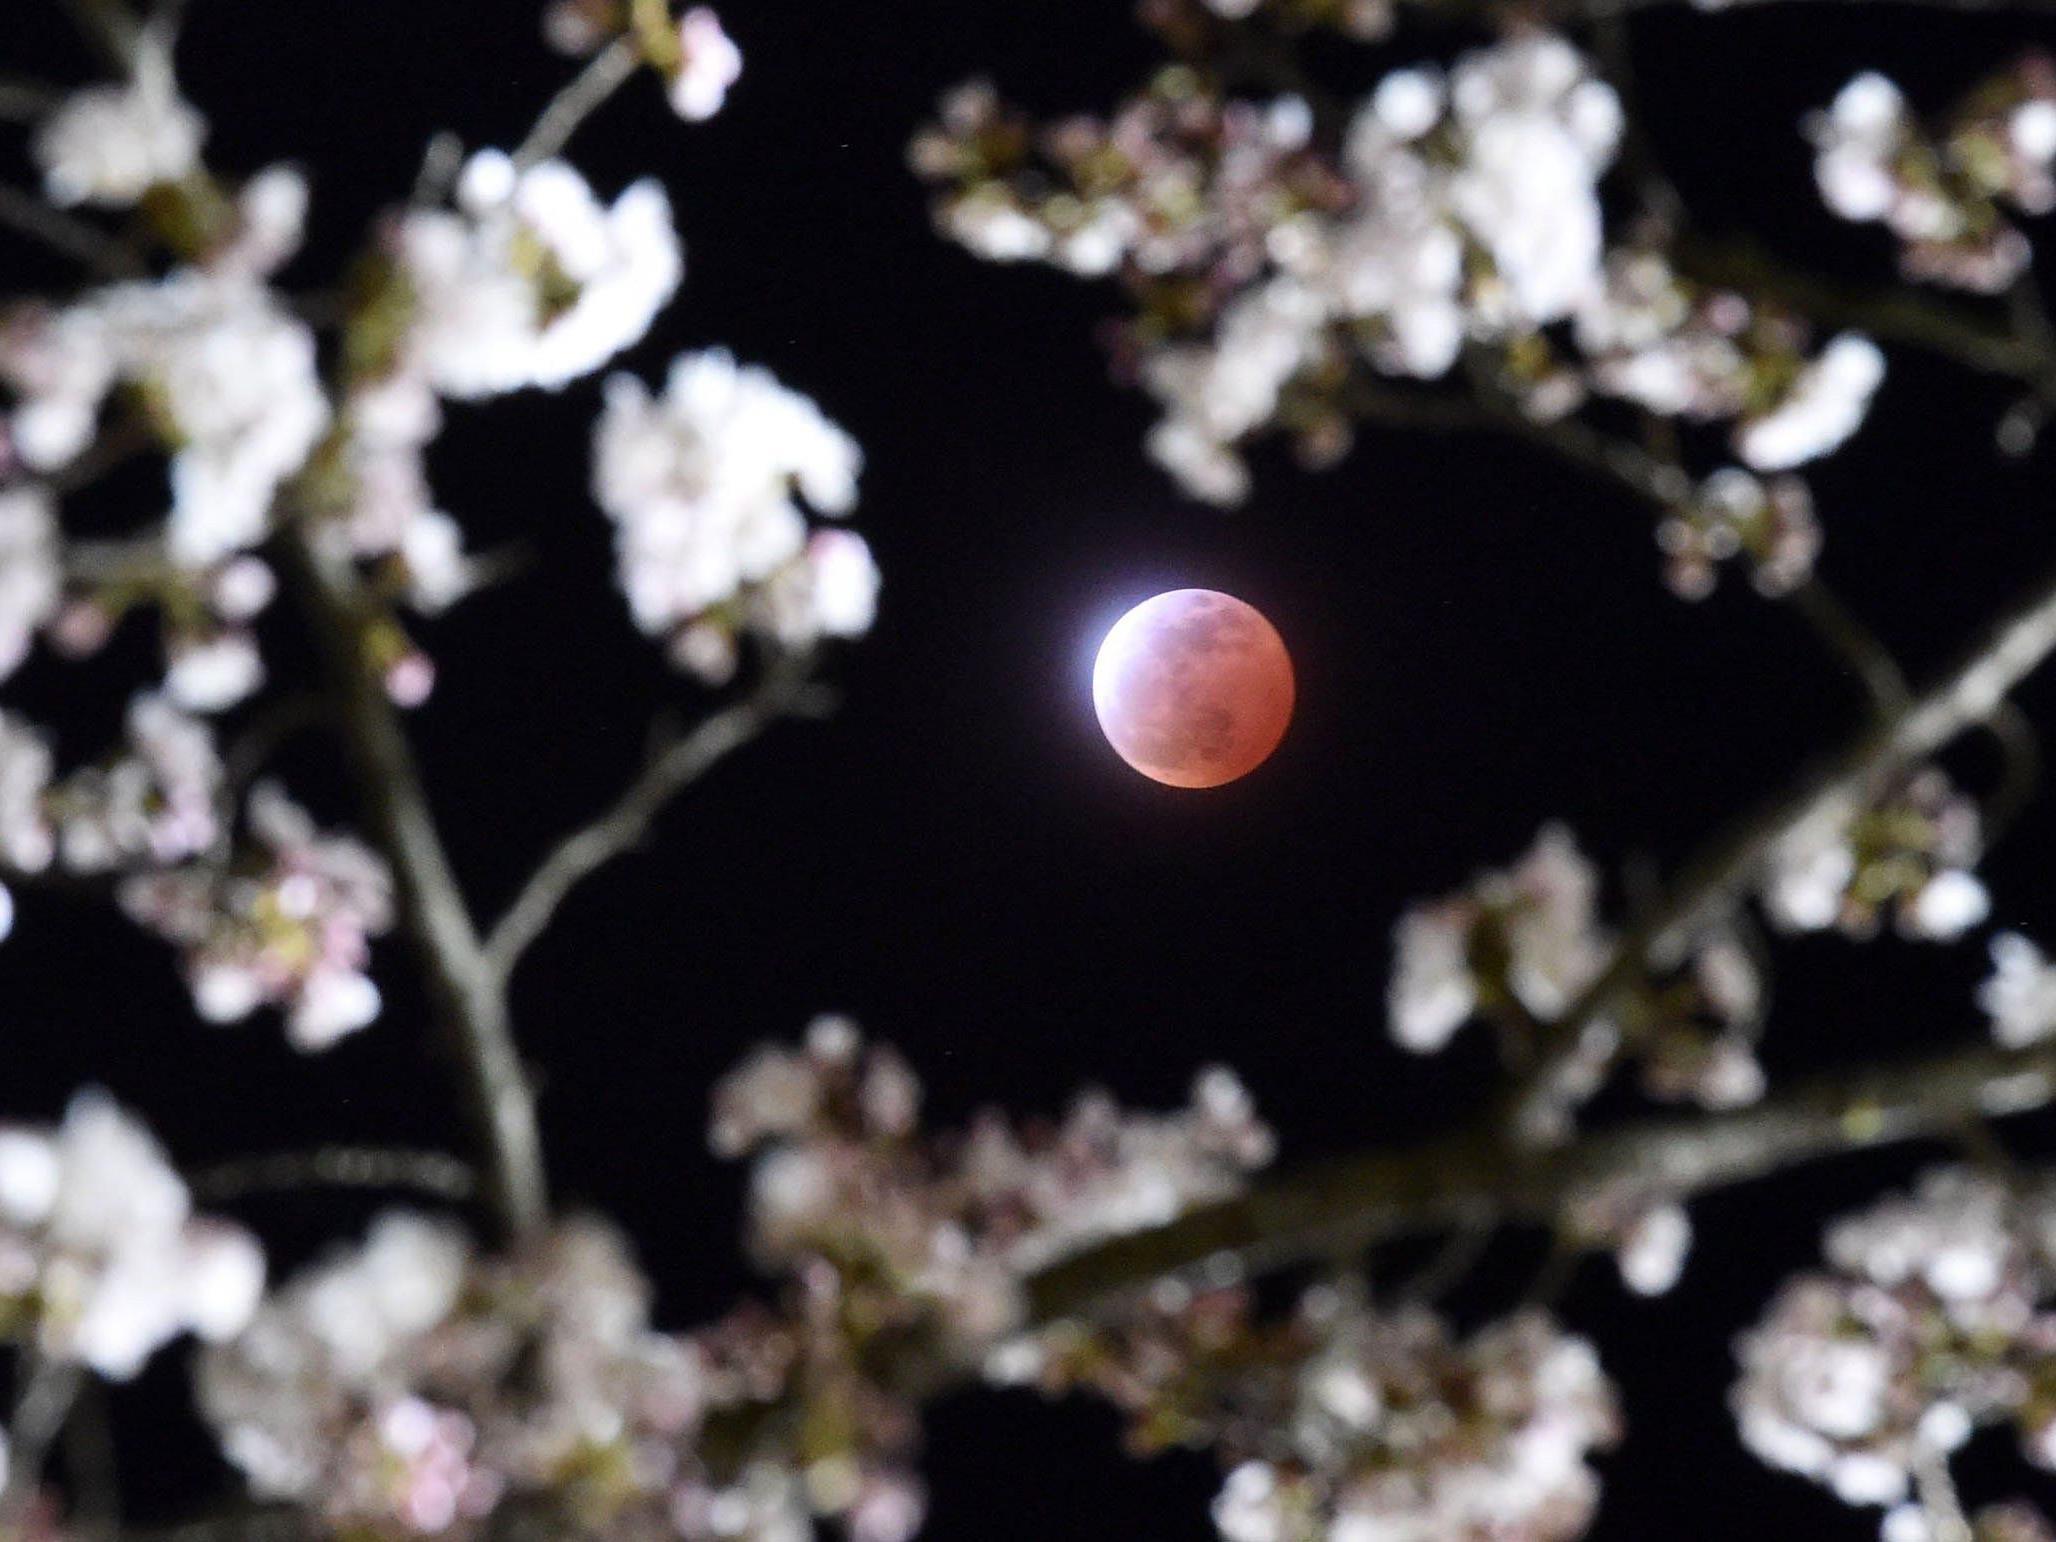 Roter Mond umsäumt von Kirschblüten: So sah die Mini-Mondfinsternis in Japan aus.